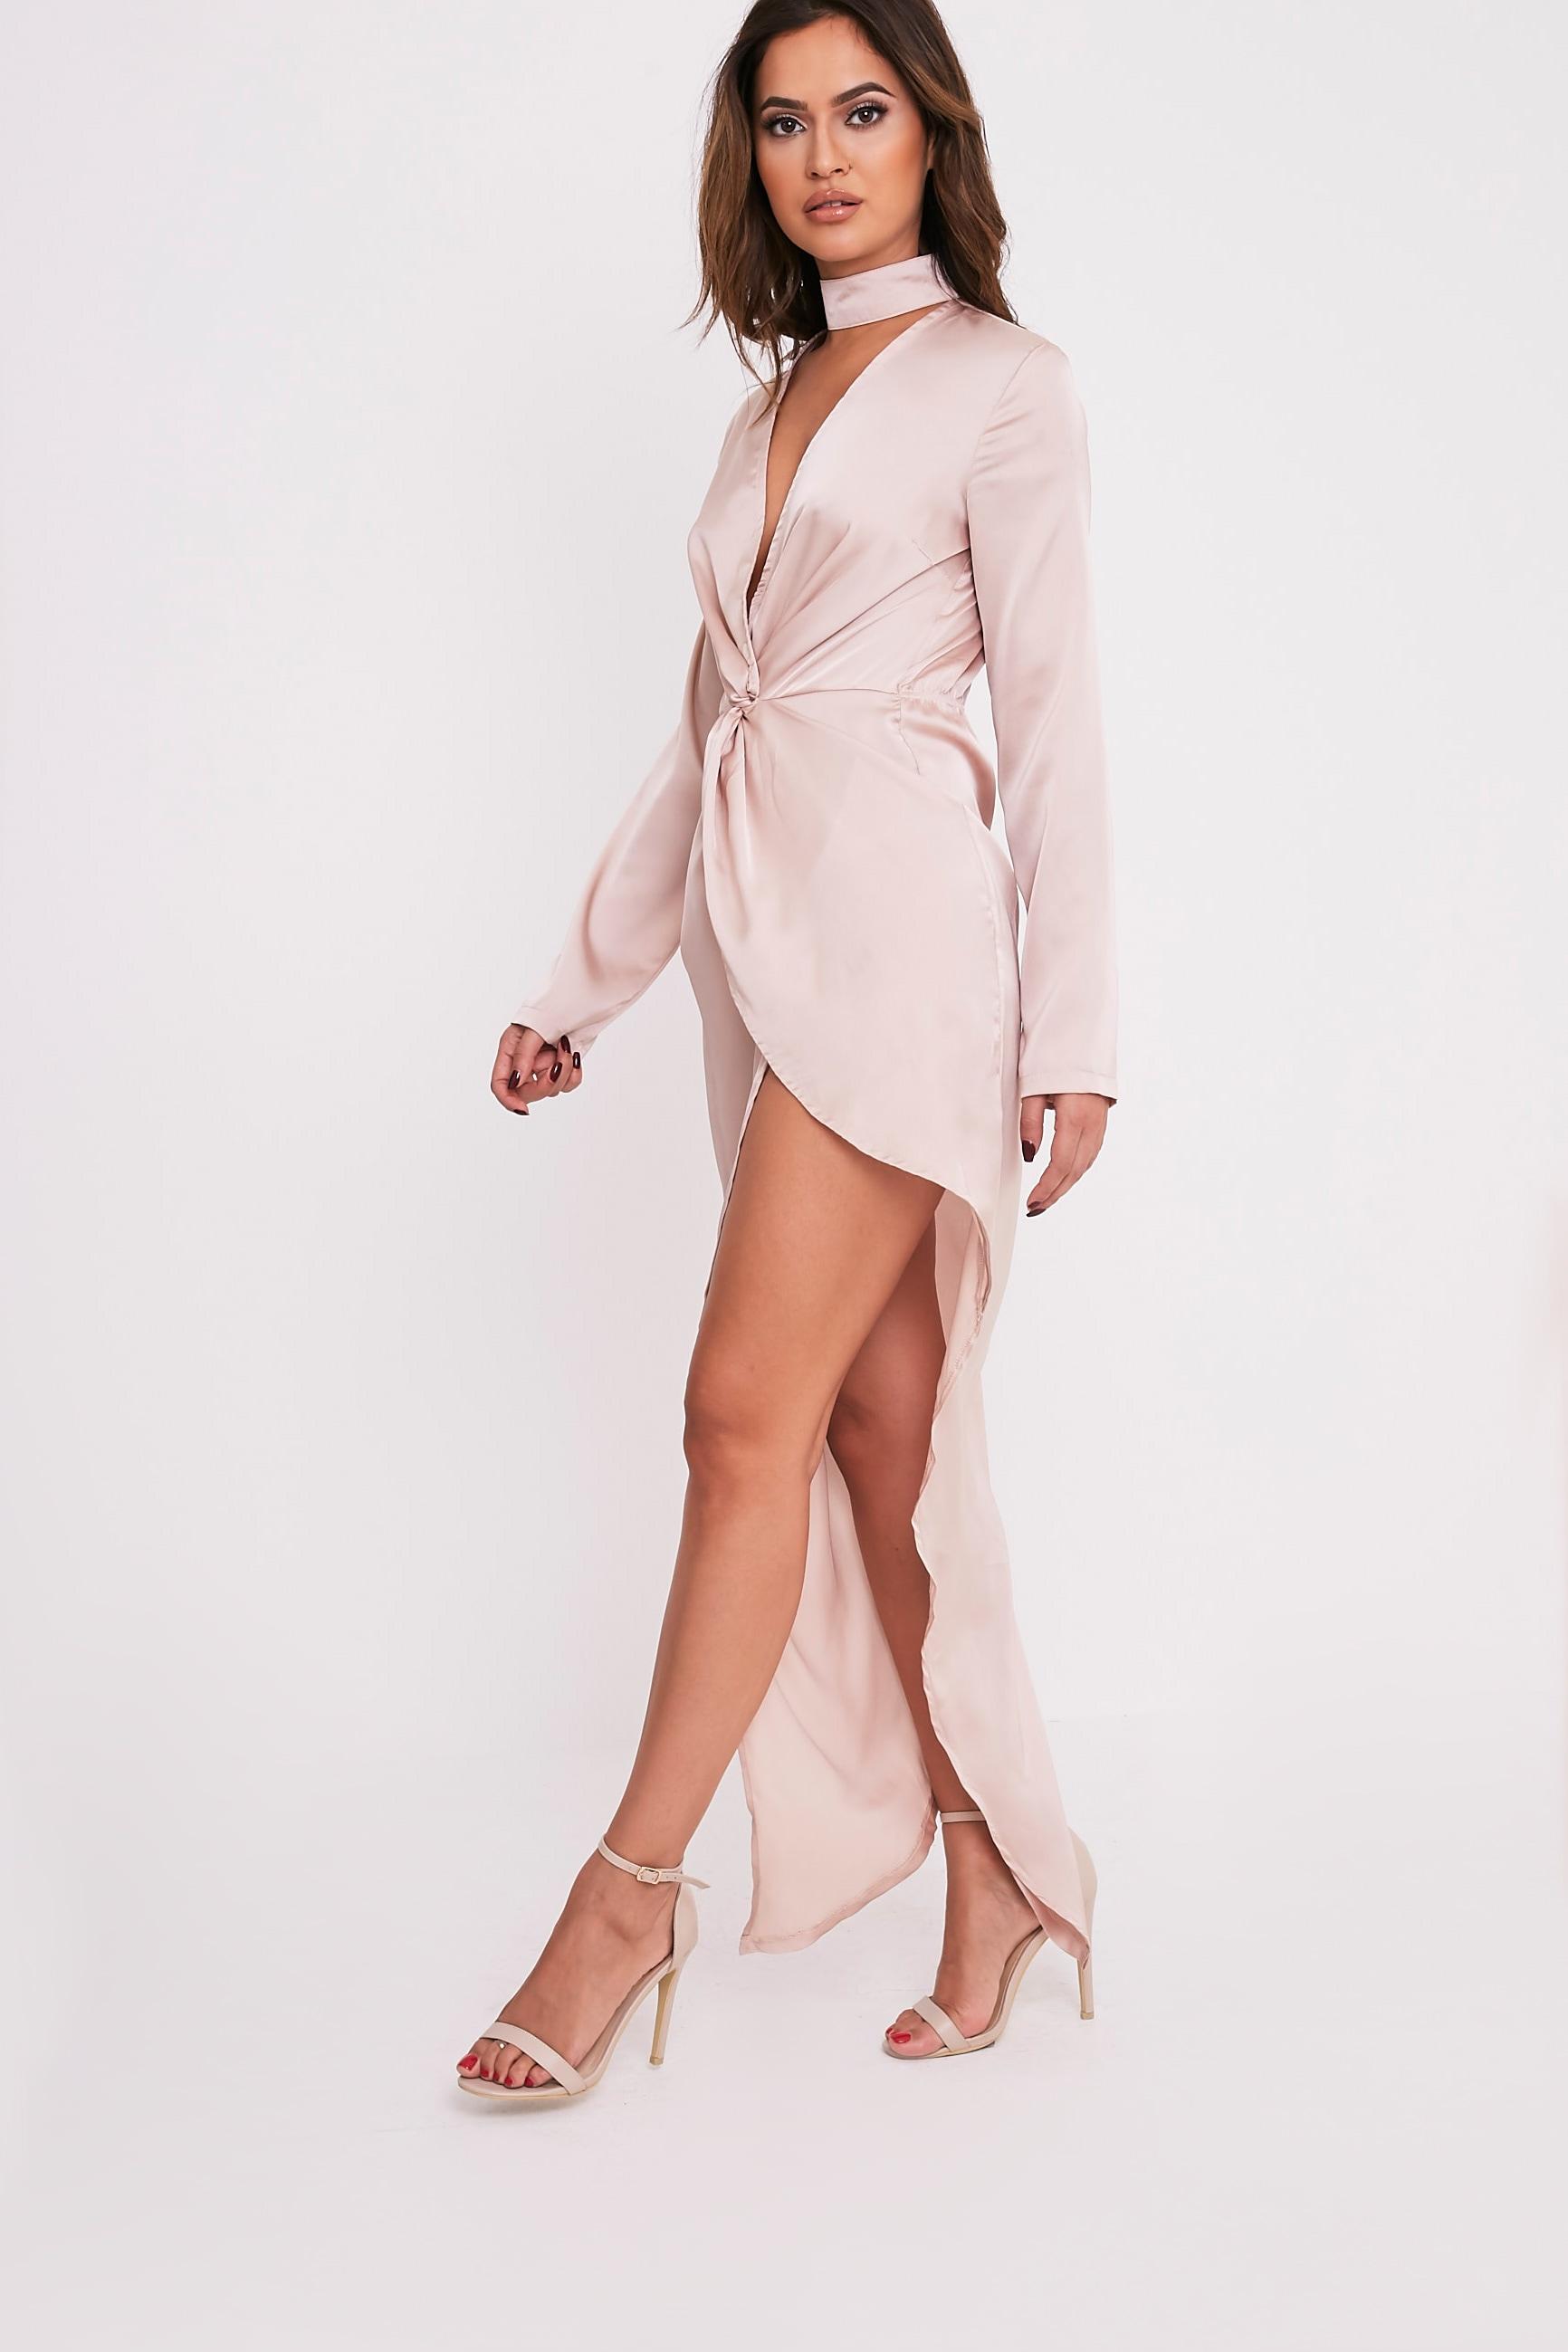 Melody Champagne Choker Detail Asymmetric Maxi Dress 5